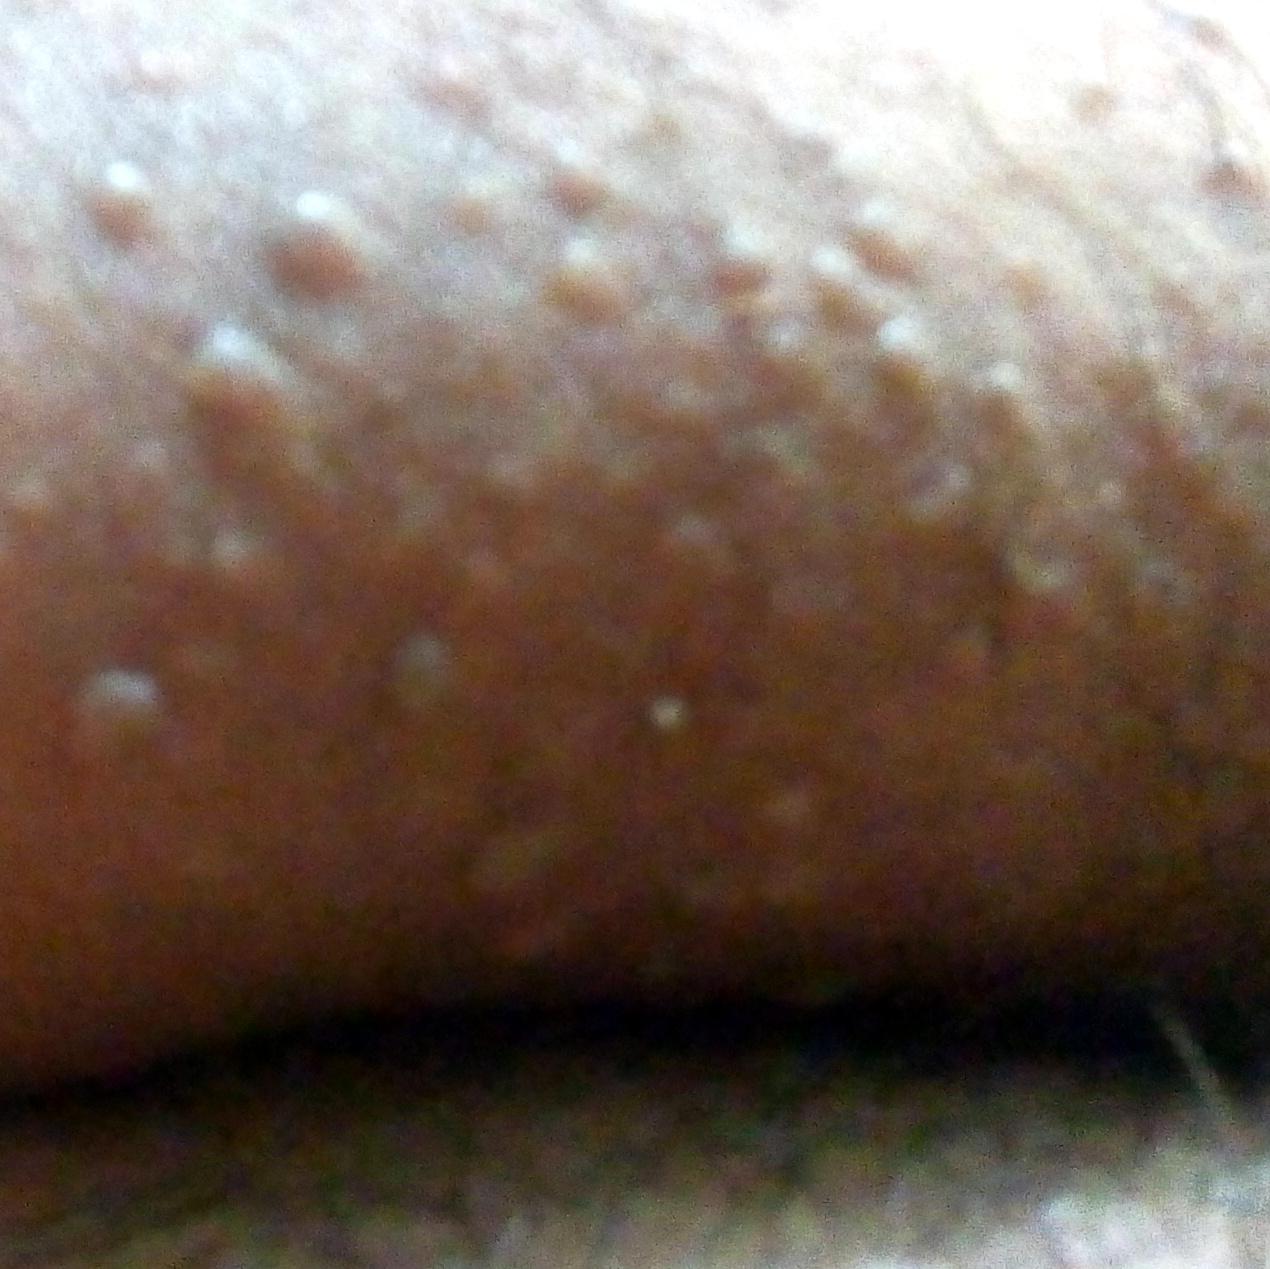 images of molluscum contagiosum #10